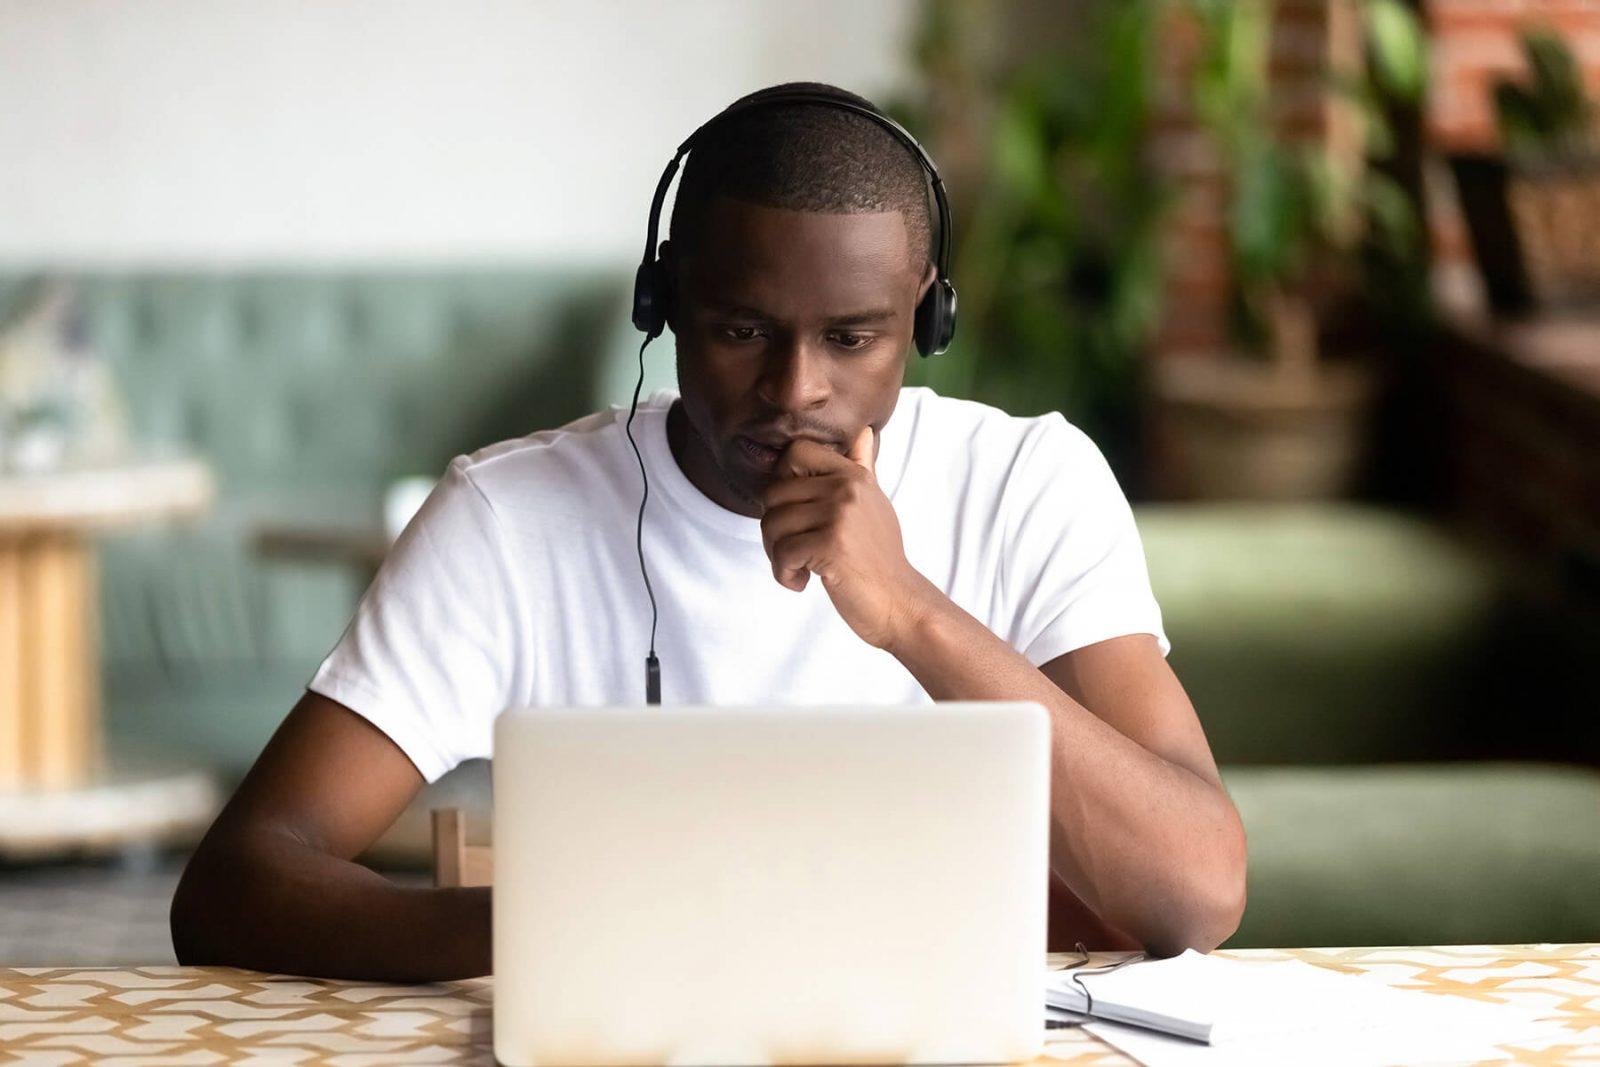 Focused African American man wear headphones using laptop